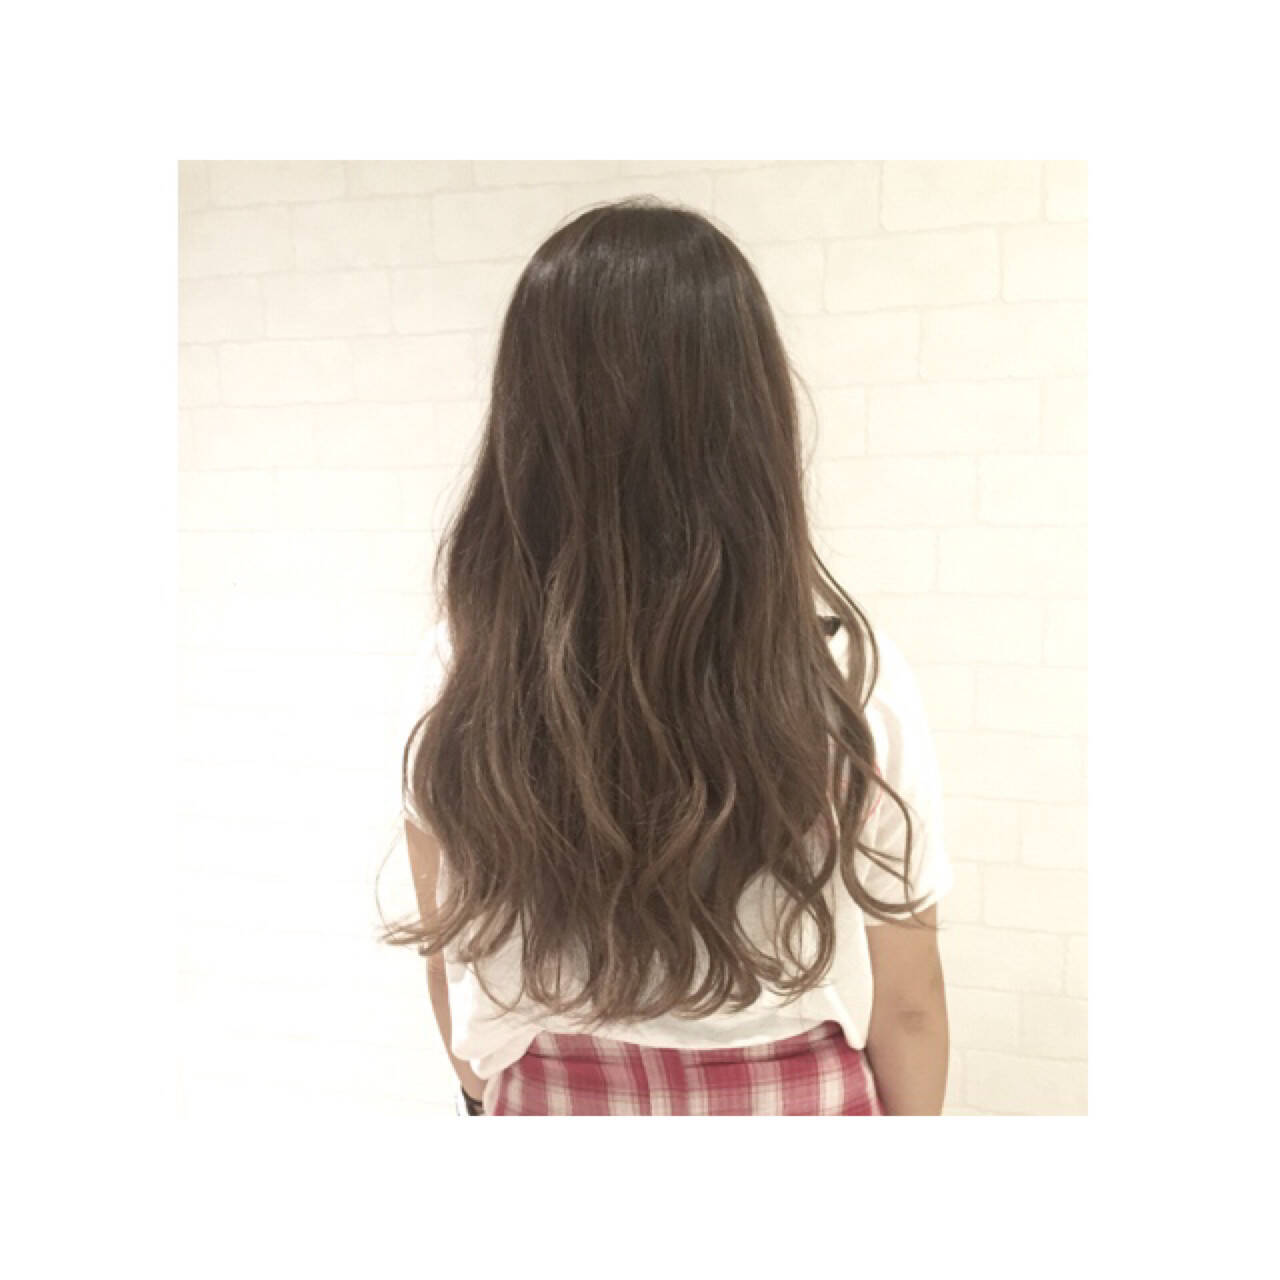 外国人風 ゆるふわ 大人かわいい ロングヘアスタイルや髪型の写真・画像